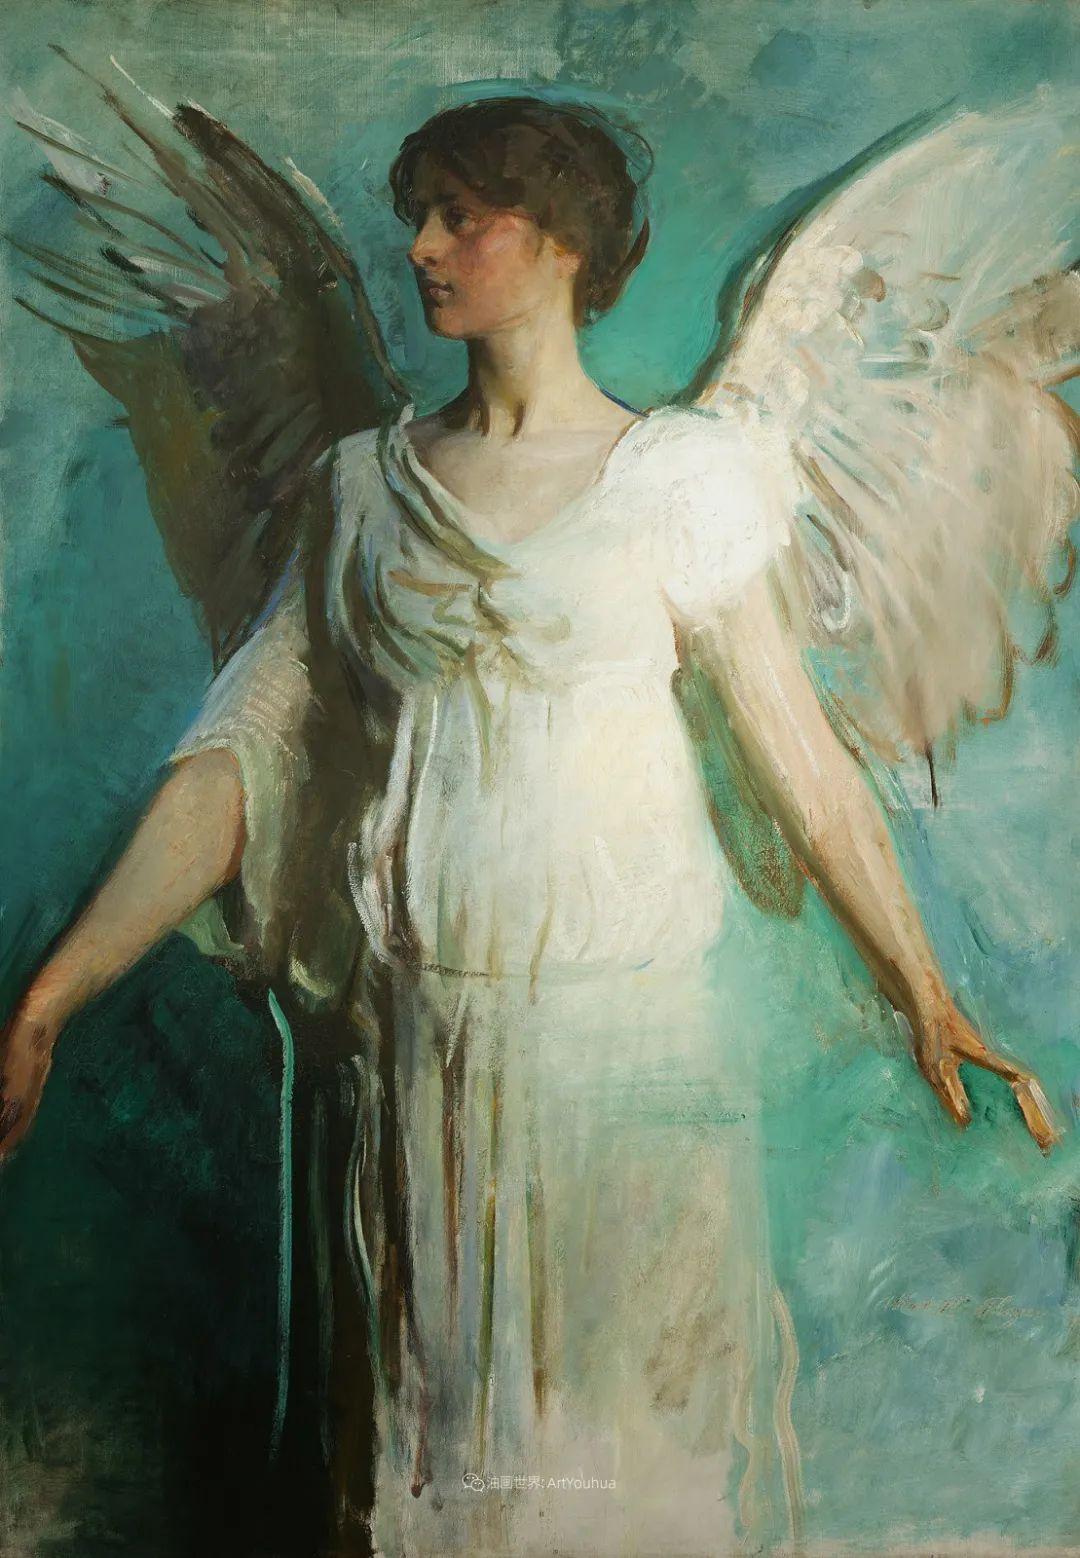 空灵的天使,精美绝伦!插图19